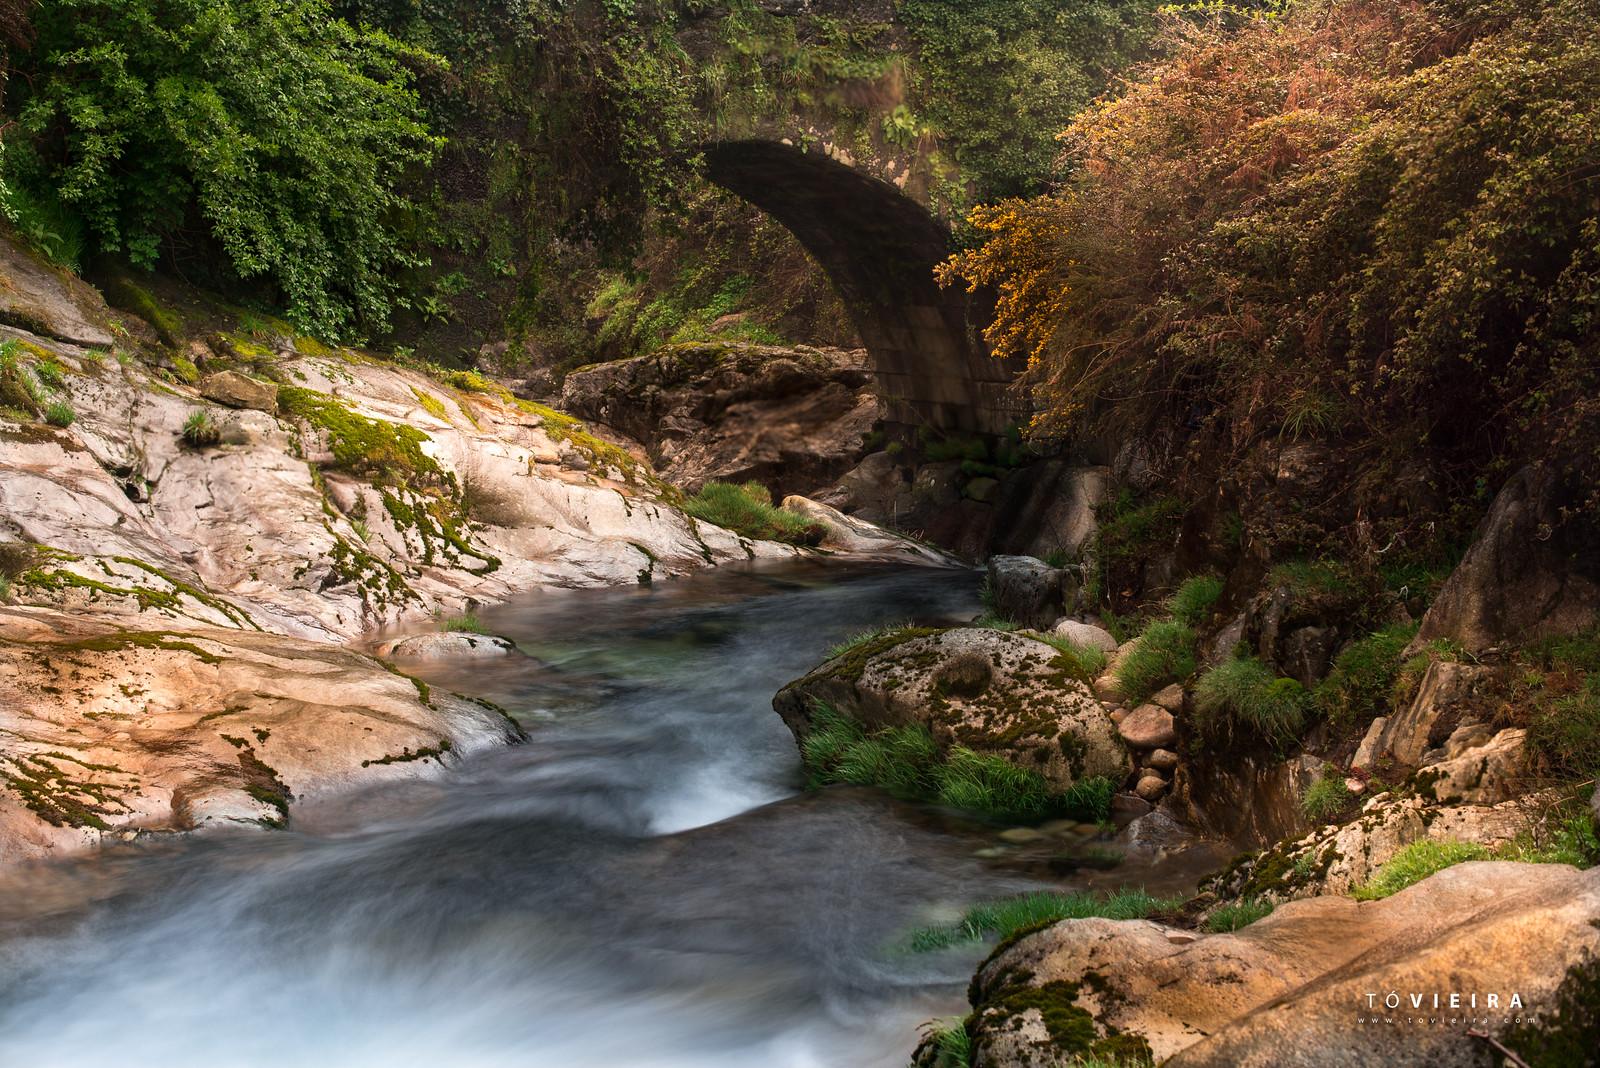 Ponte Romana de Manhouce